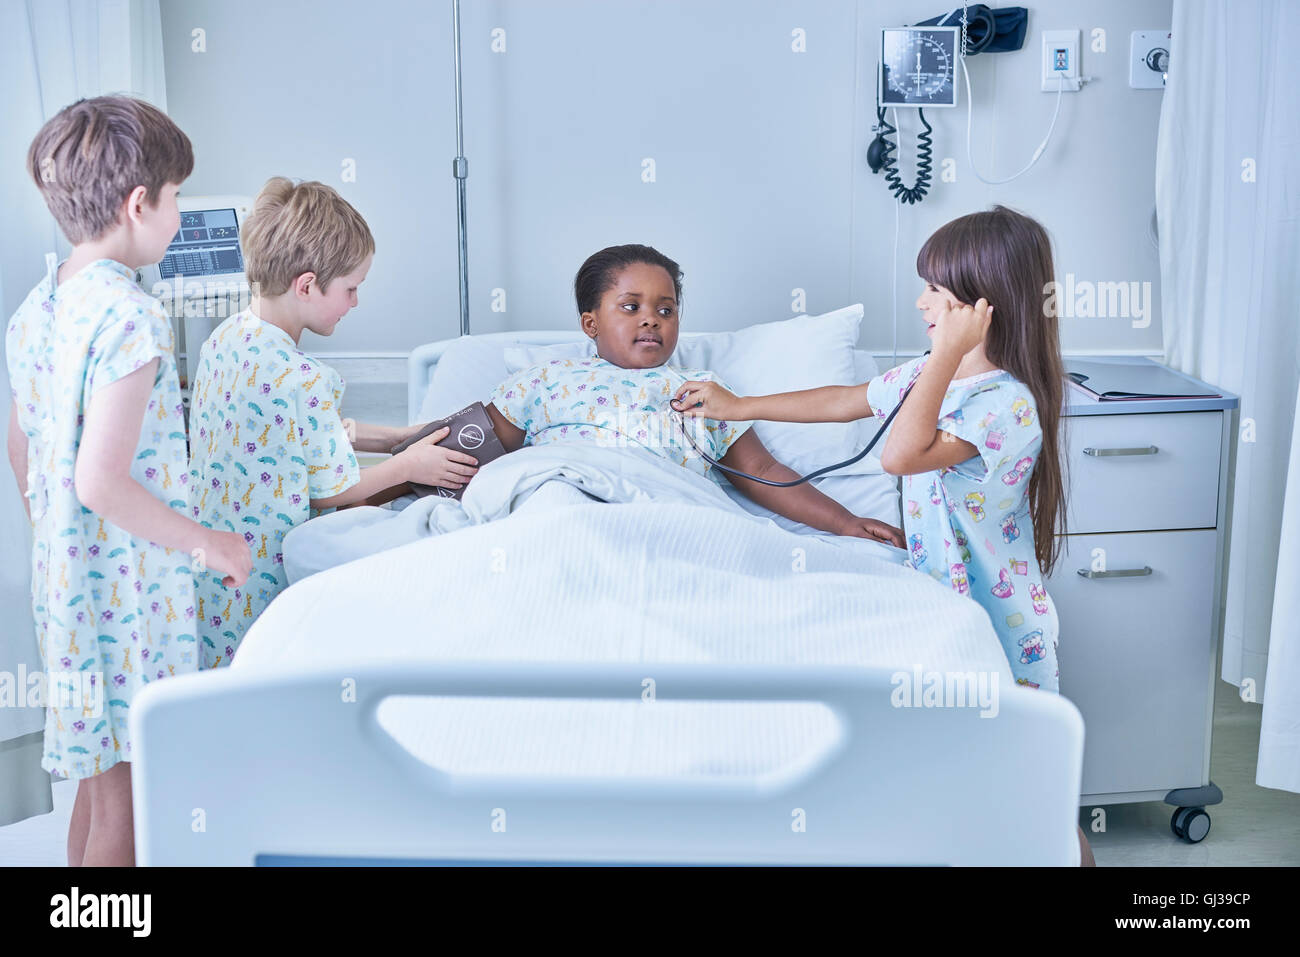 friend in hospital